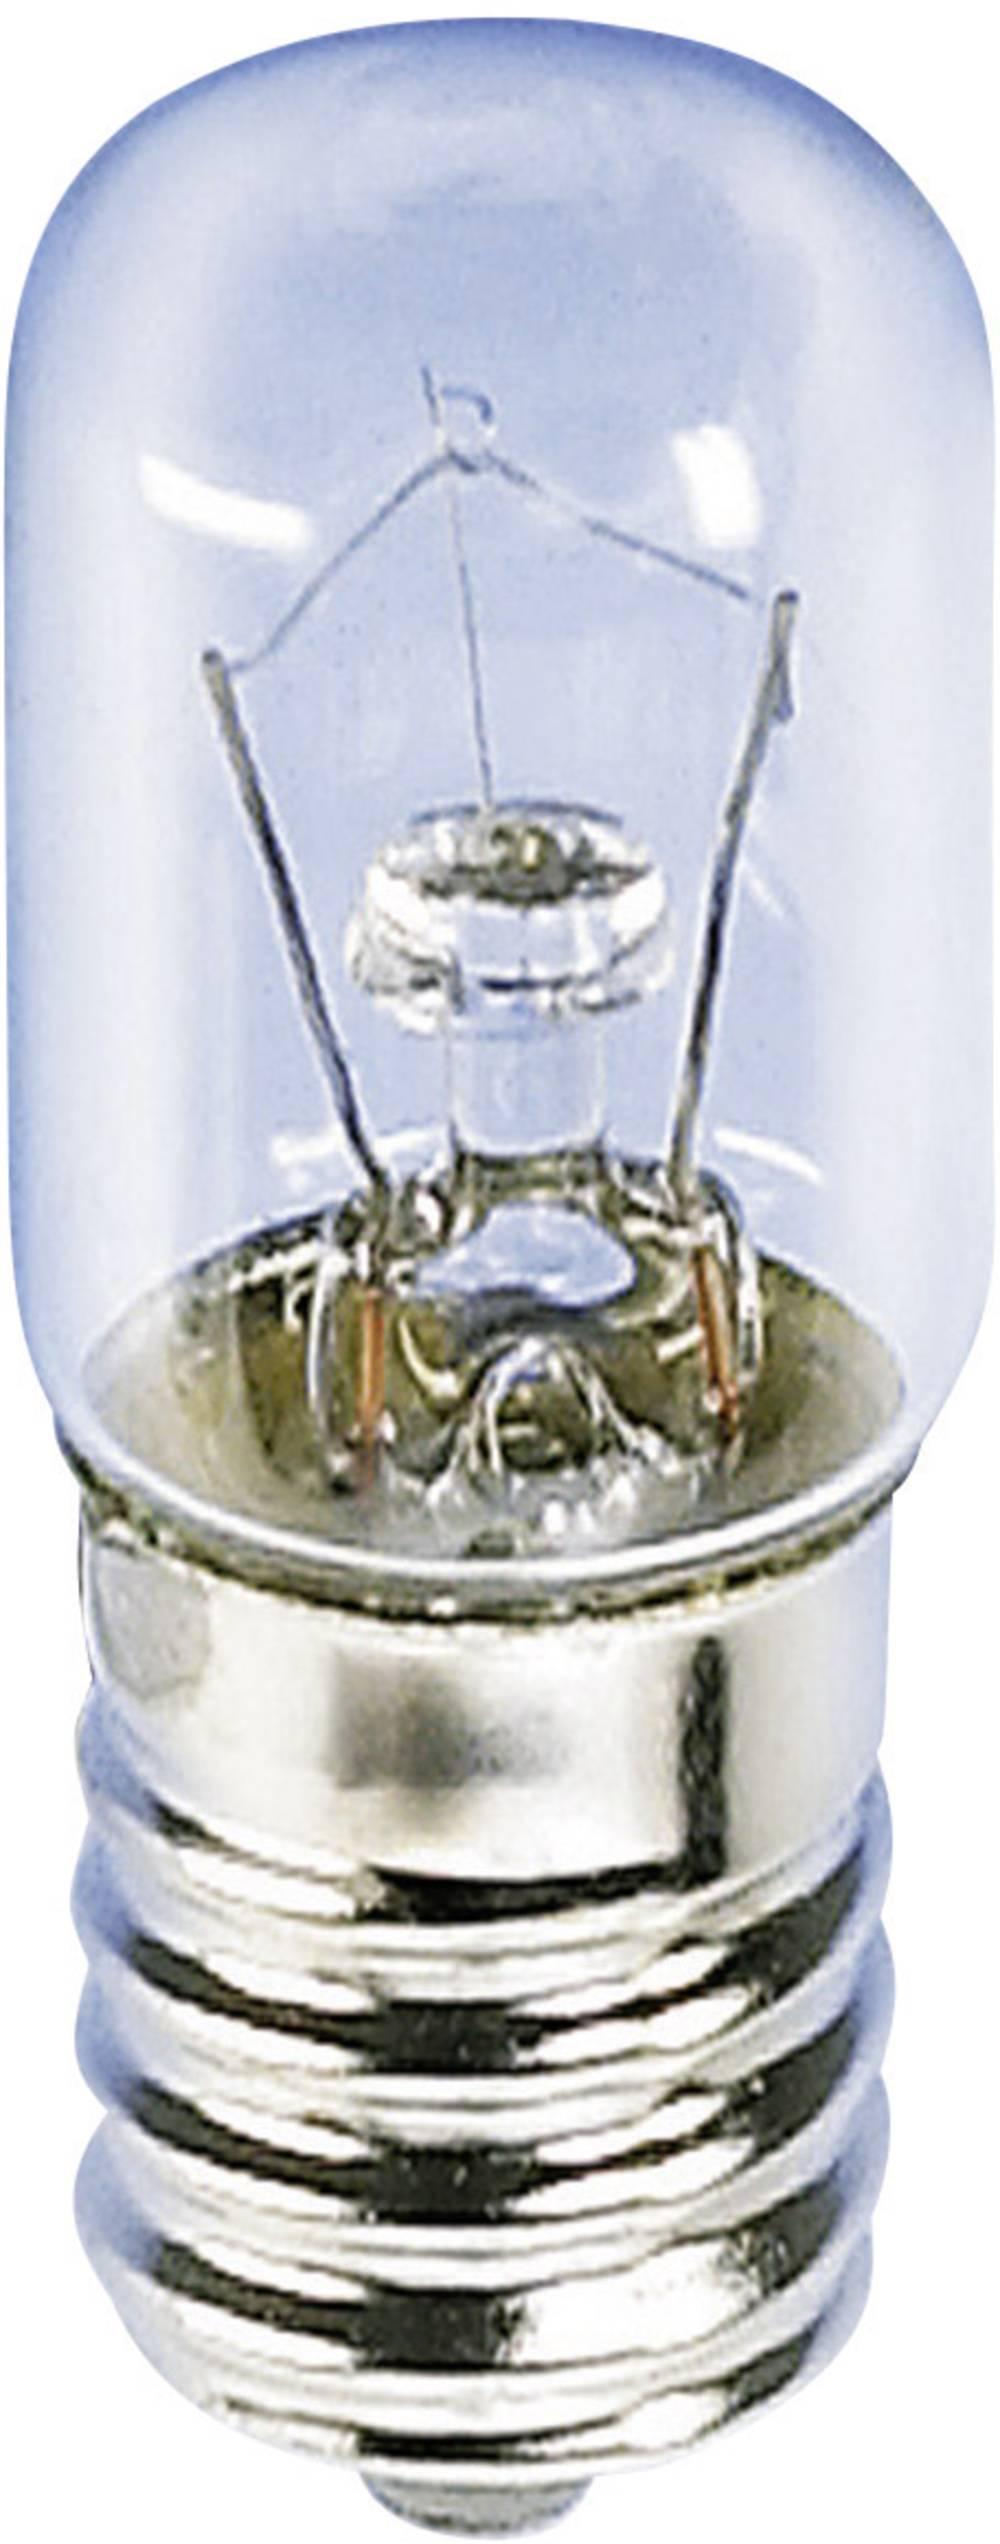 Cijevasta žarulja 220 - 260 V 6 - 10 W 38 mA podnožje=E14 čista Barthelme sadržaj: 1 kom.